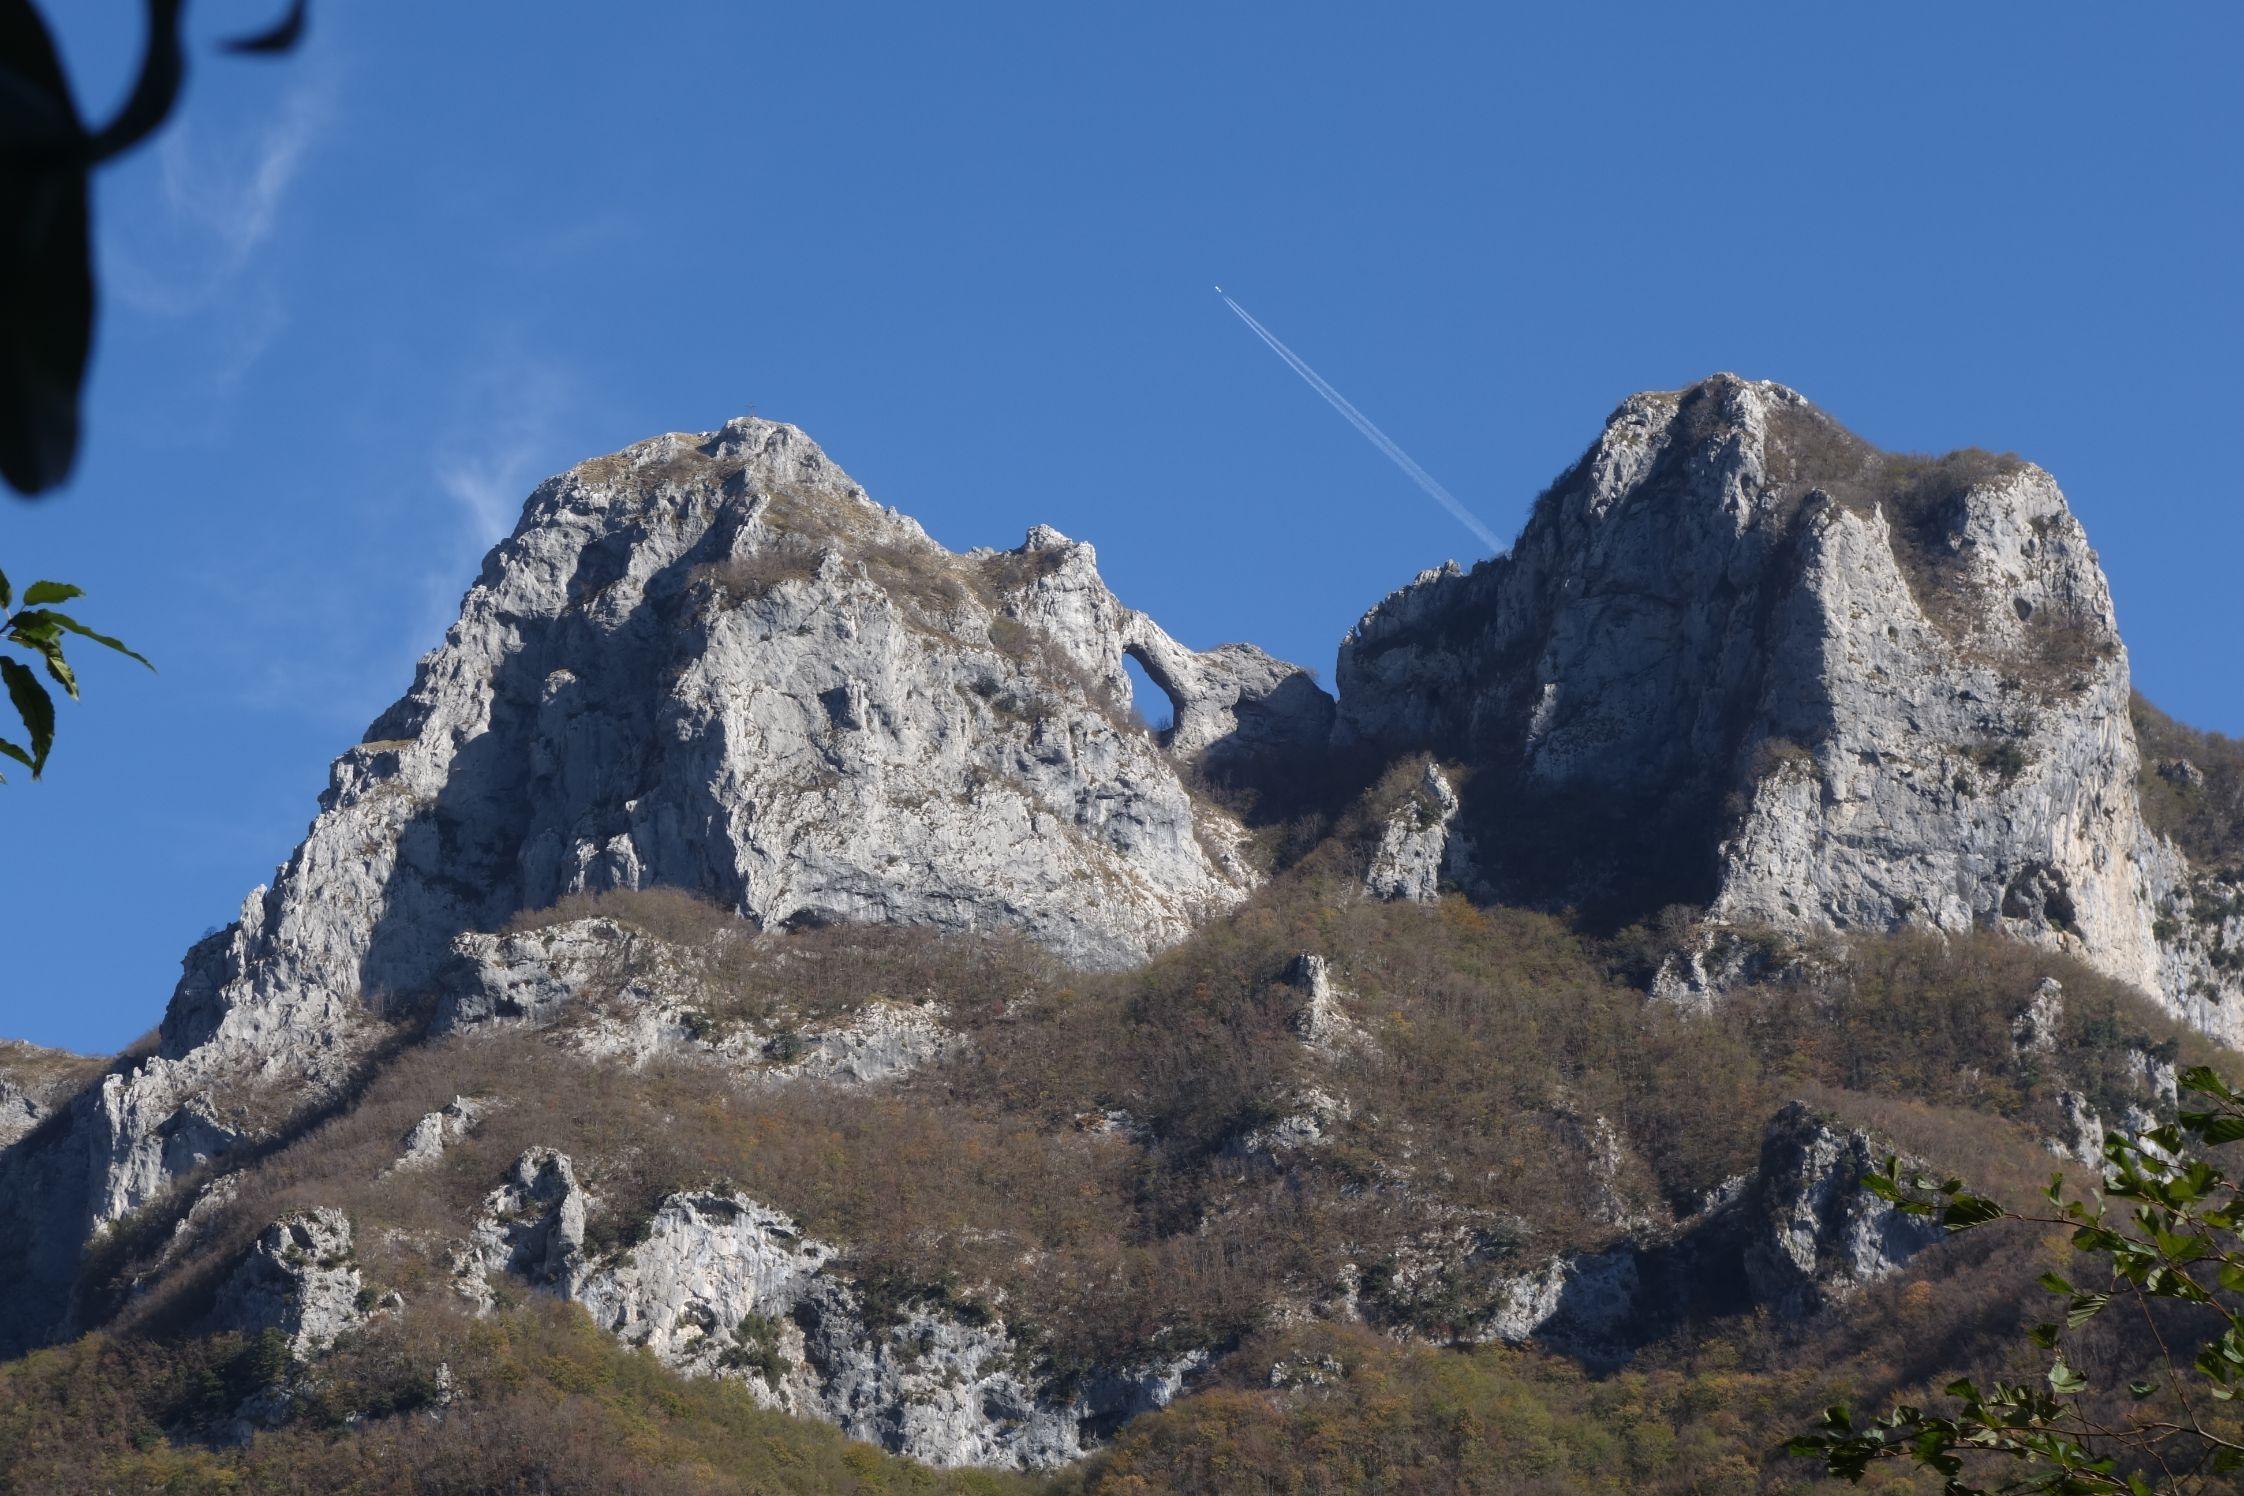 Monte Forato da Cardoso